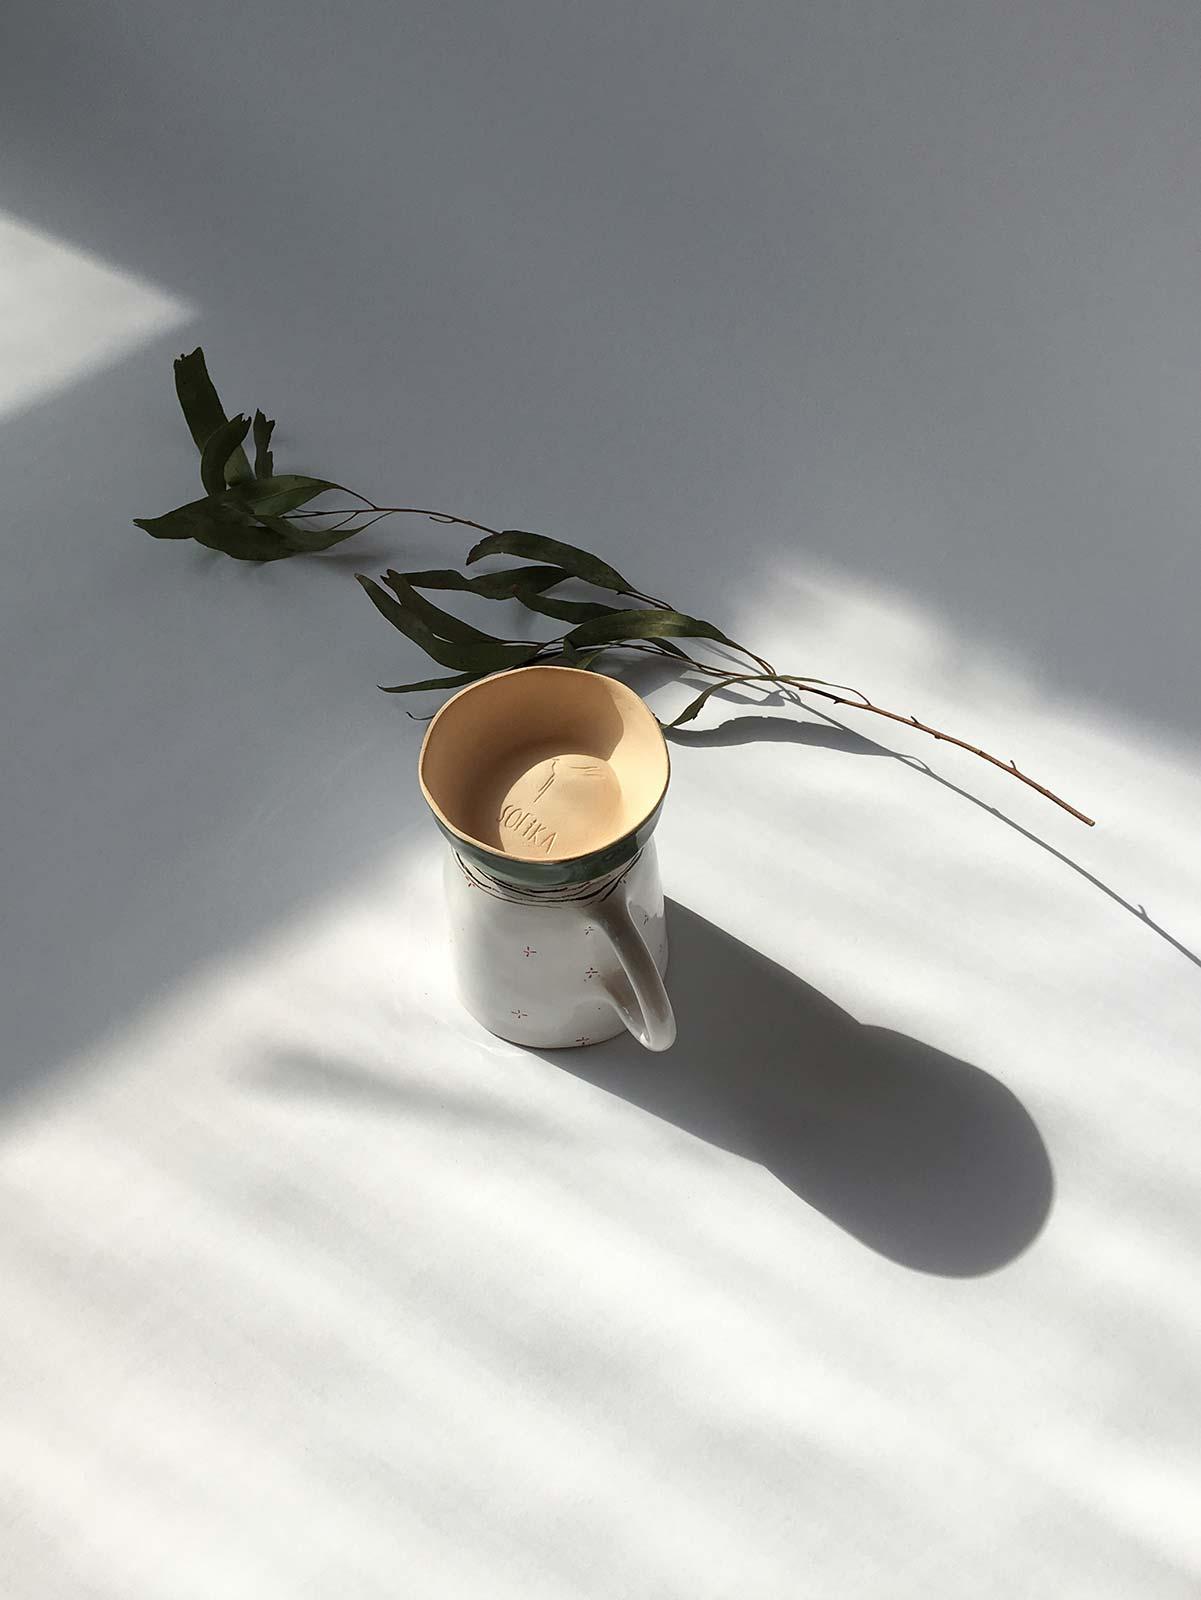 Вид сзади - Керамическая чайная чашка (Ручная работа)